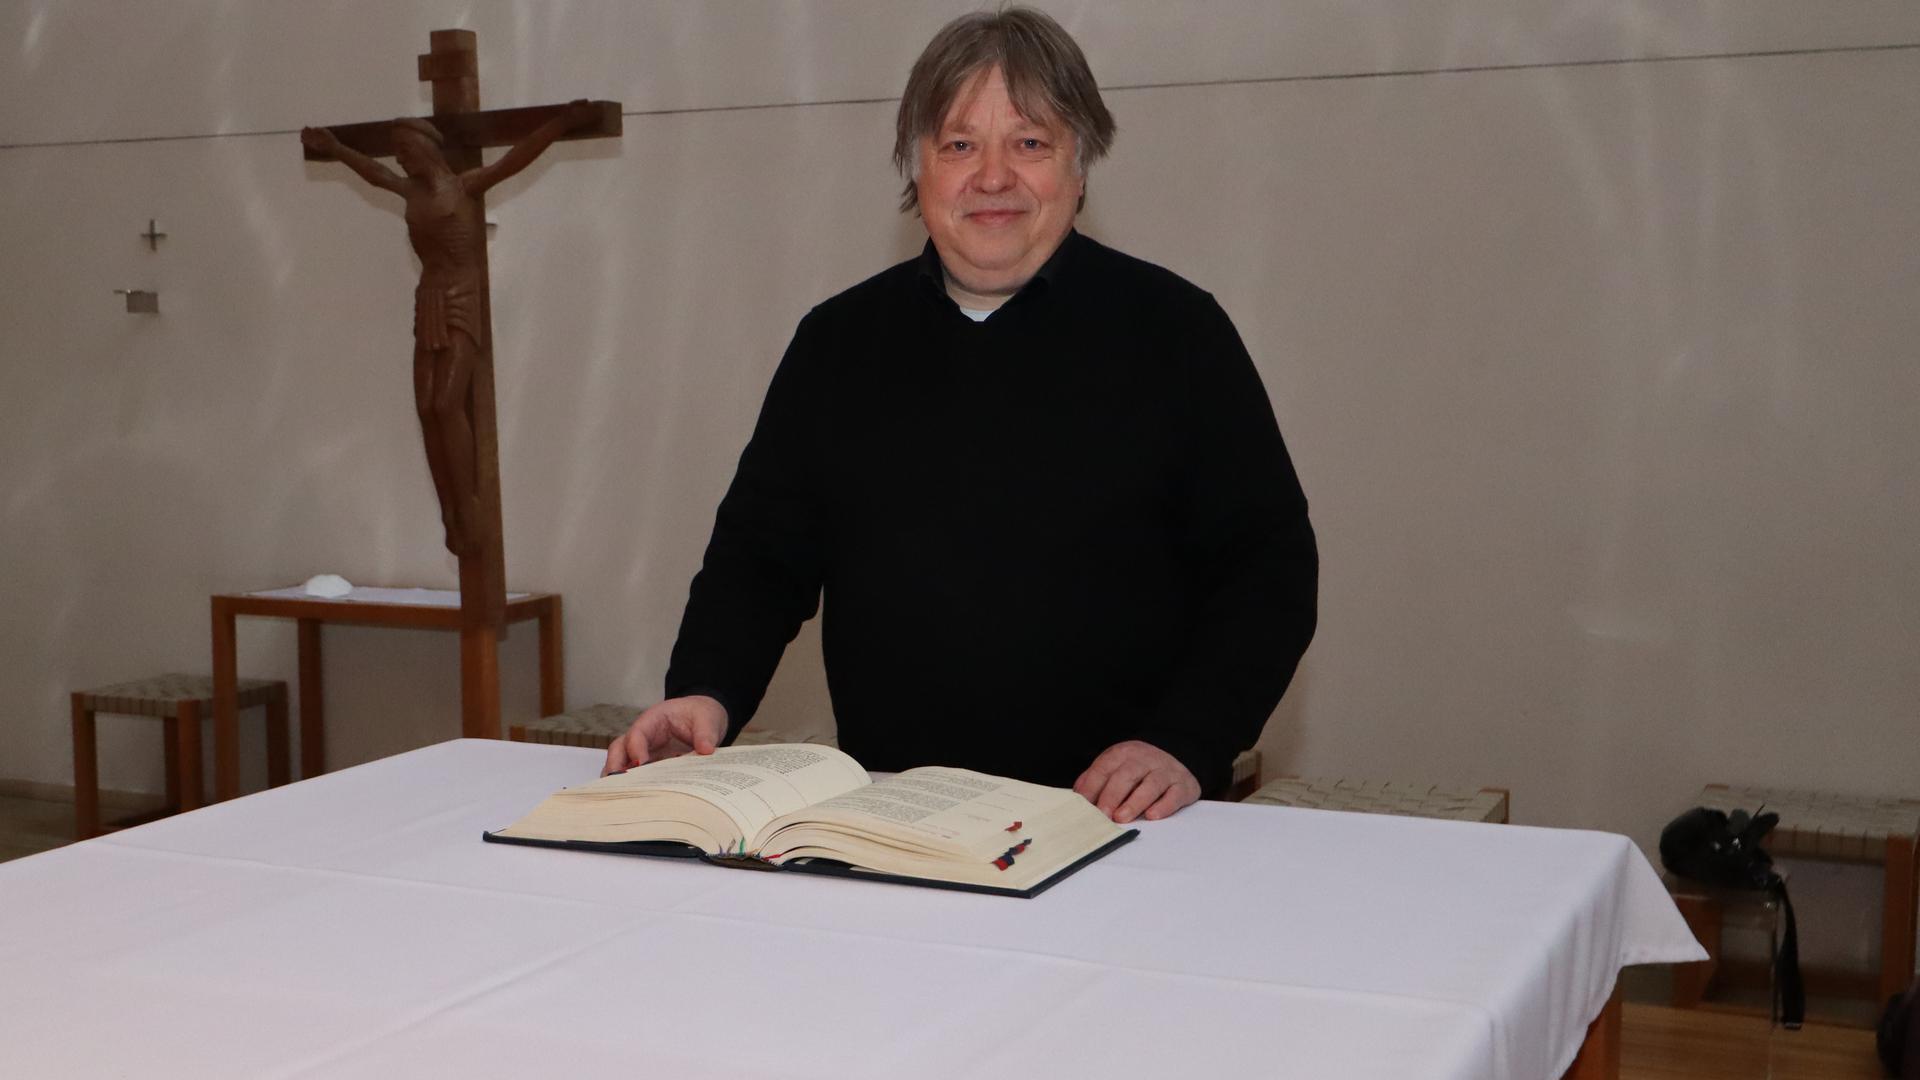 Gleiche Legitimation: Frauen wie Männer sind getauft und gefirmt. Also haben beide Geschlechter die entscheidende Voraussetzung für kirchliche Ämter und Weihe, meint Pfarrer Albert Striet, der die Kirchengemeinde Karlsruhe-Hardt betreut.